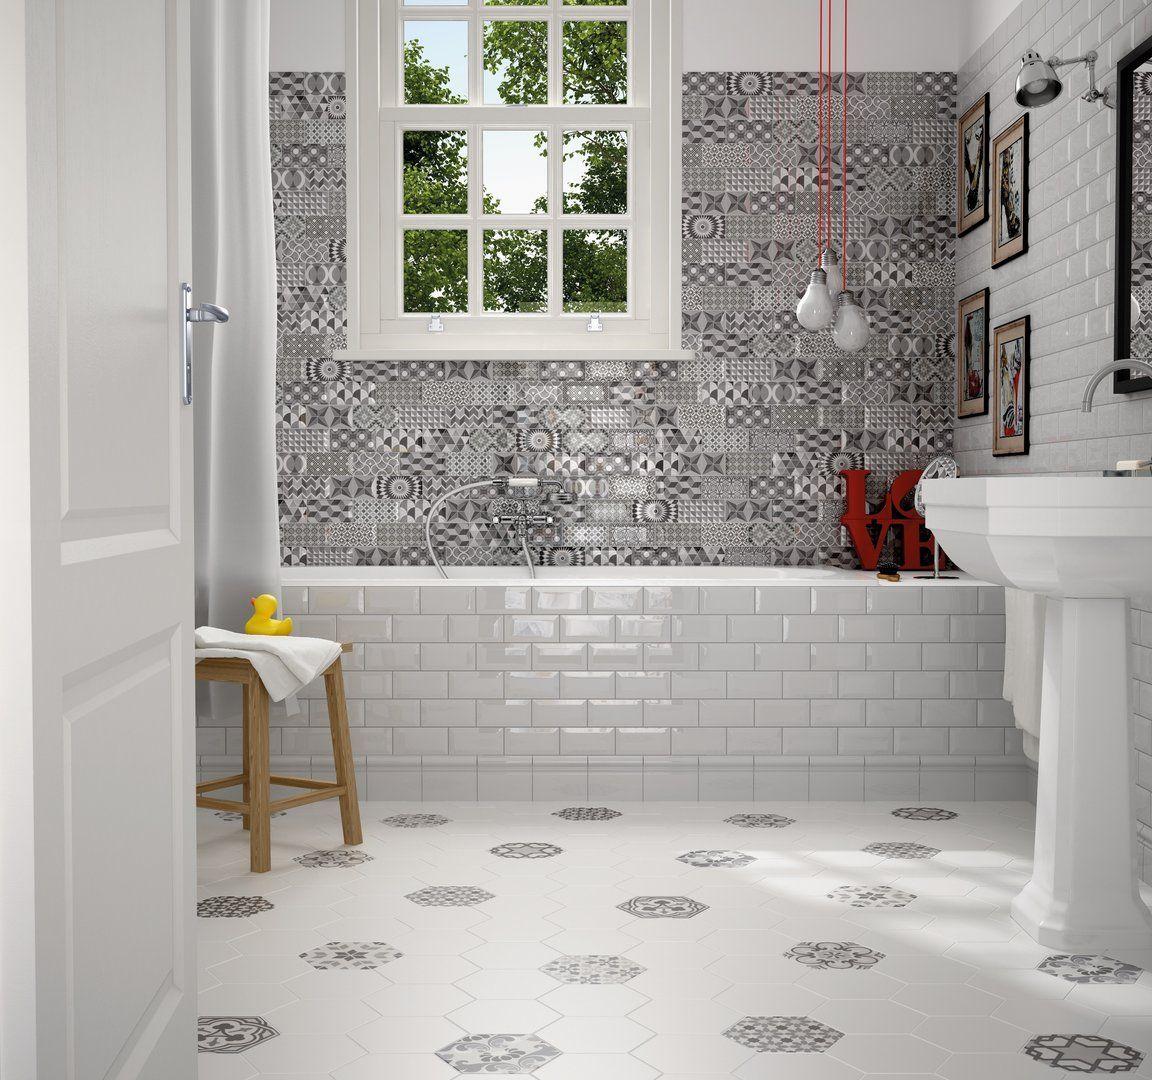 Wandfliese Equipe Metro white glänzend 7,5x15 cm   Designer ...